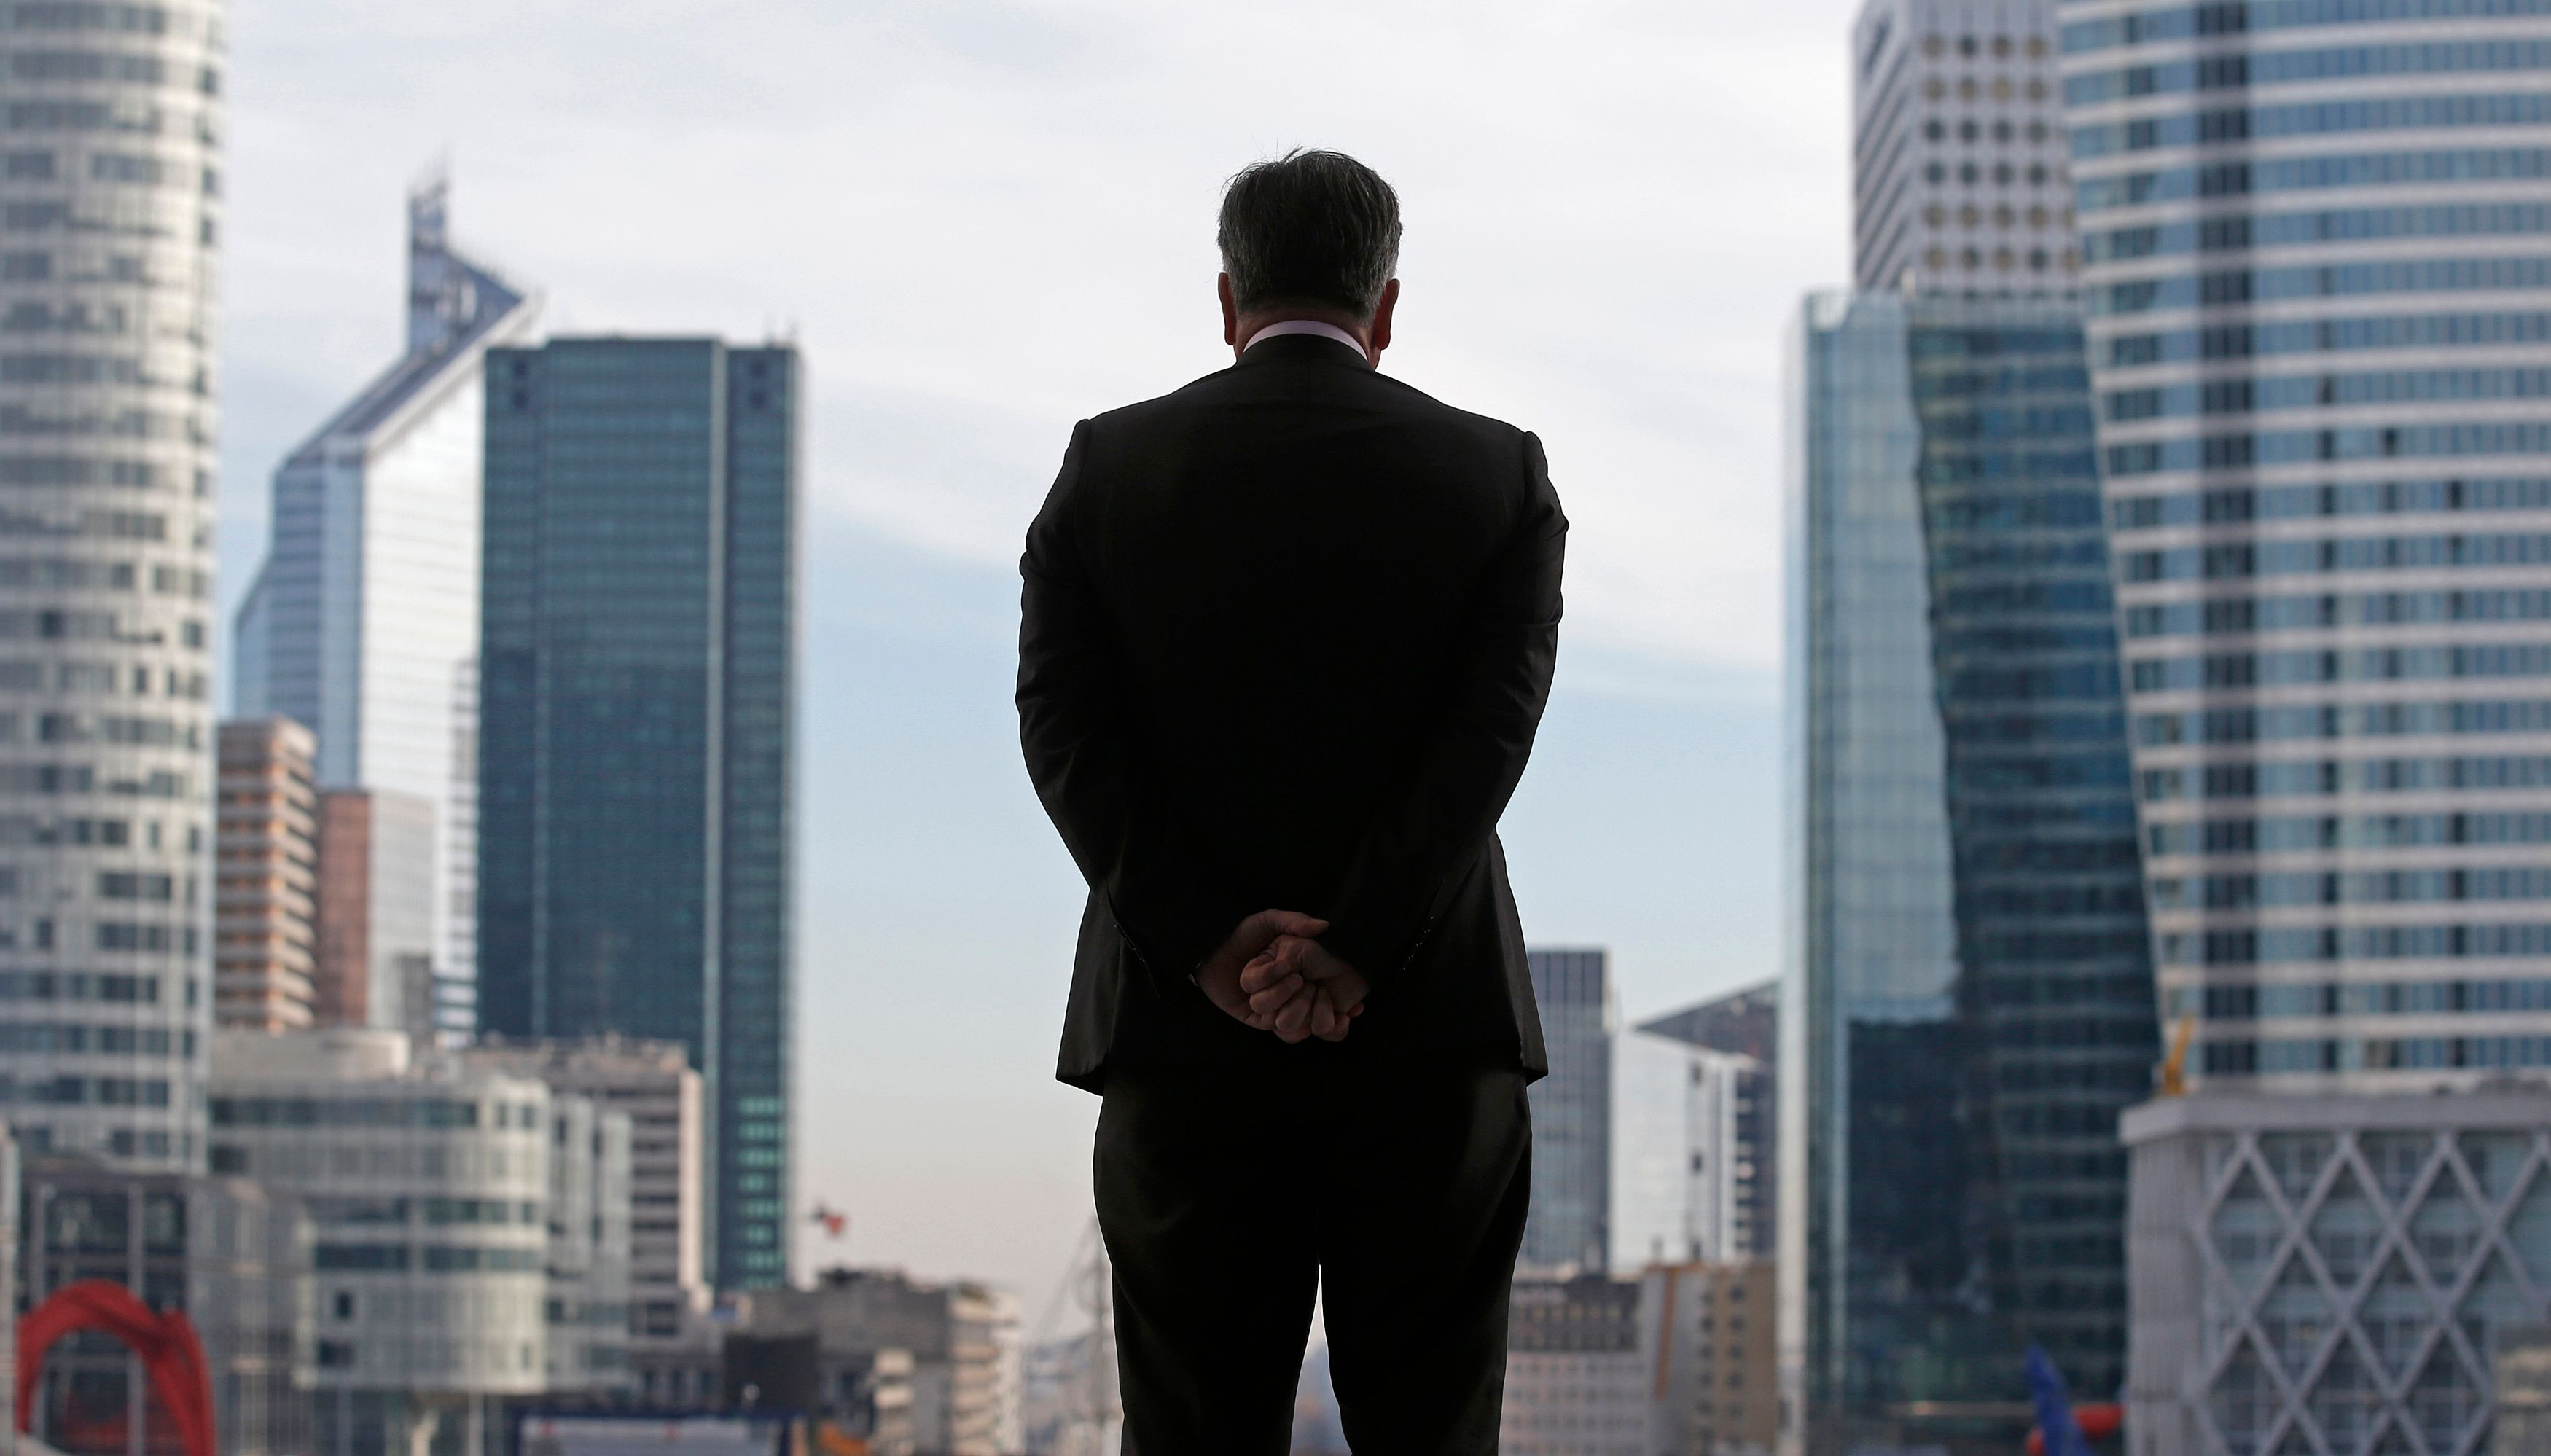 Les sommes touchées par les managers ont pour origine, la professionnalisation, la montée du pouvoir de ces managers